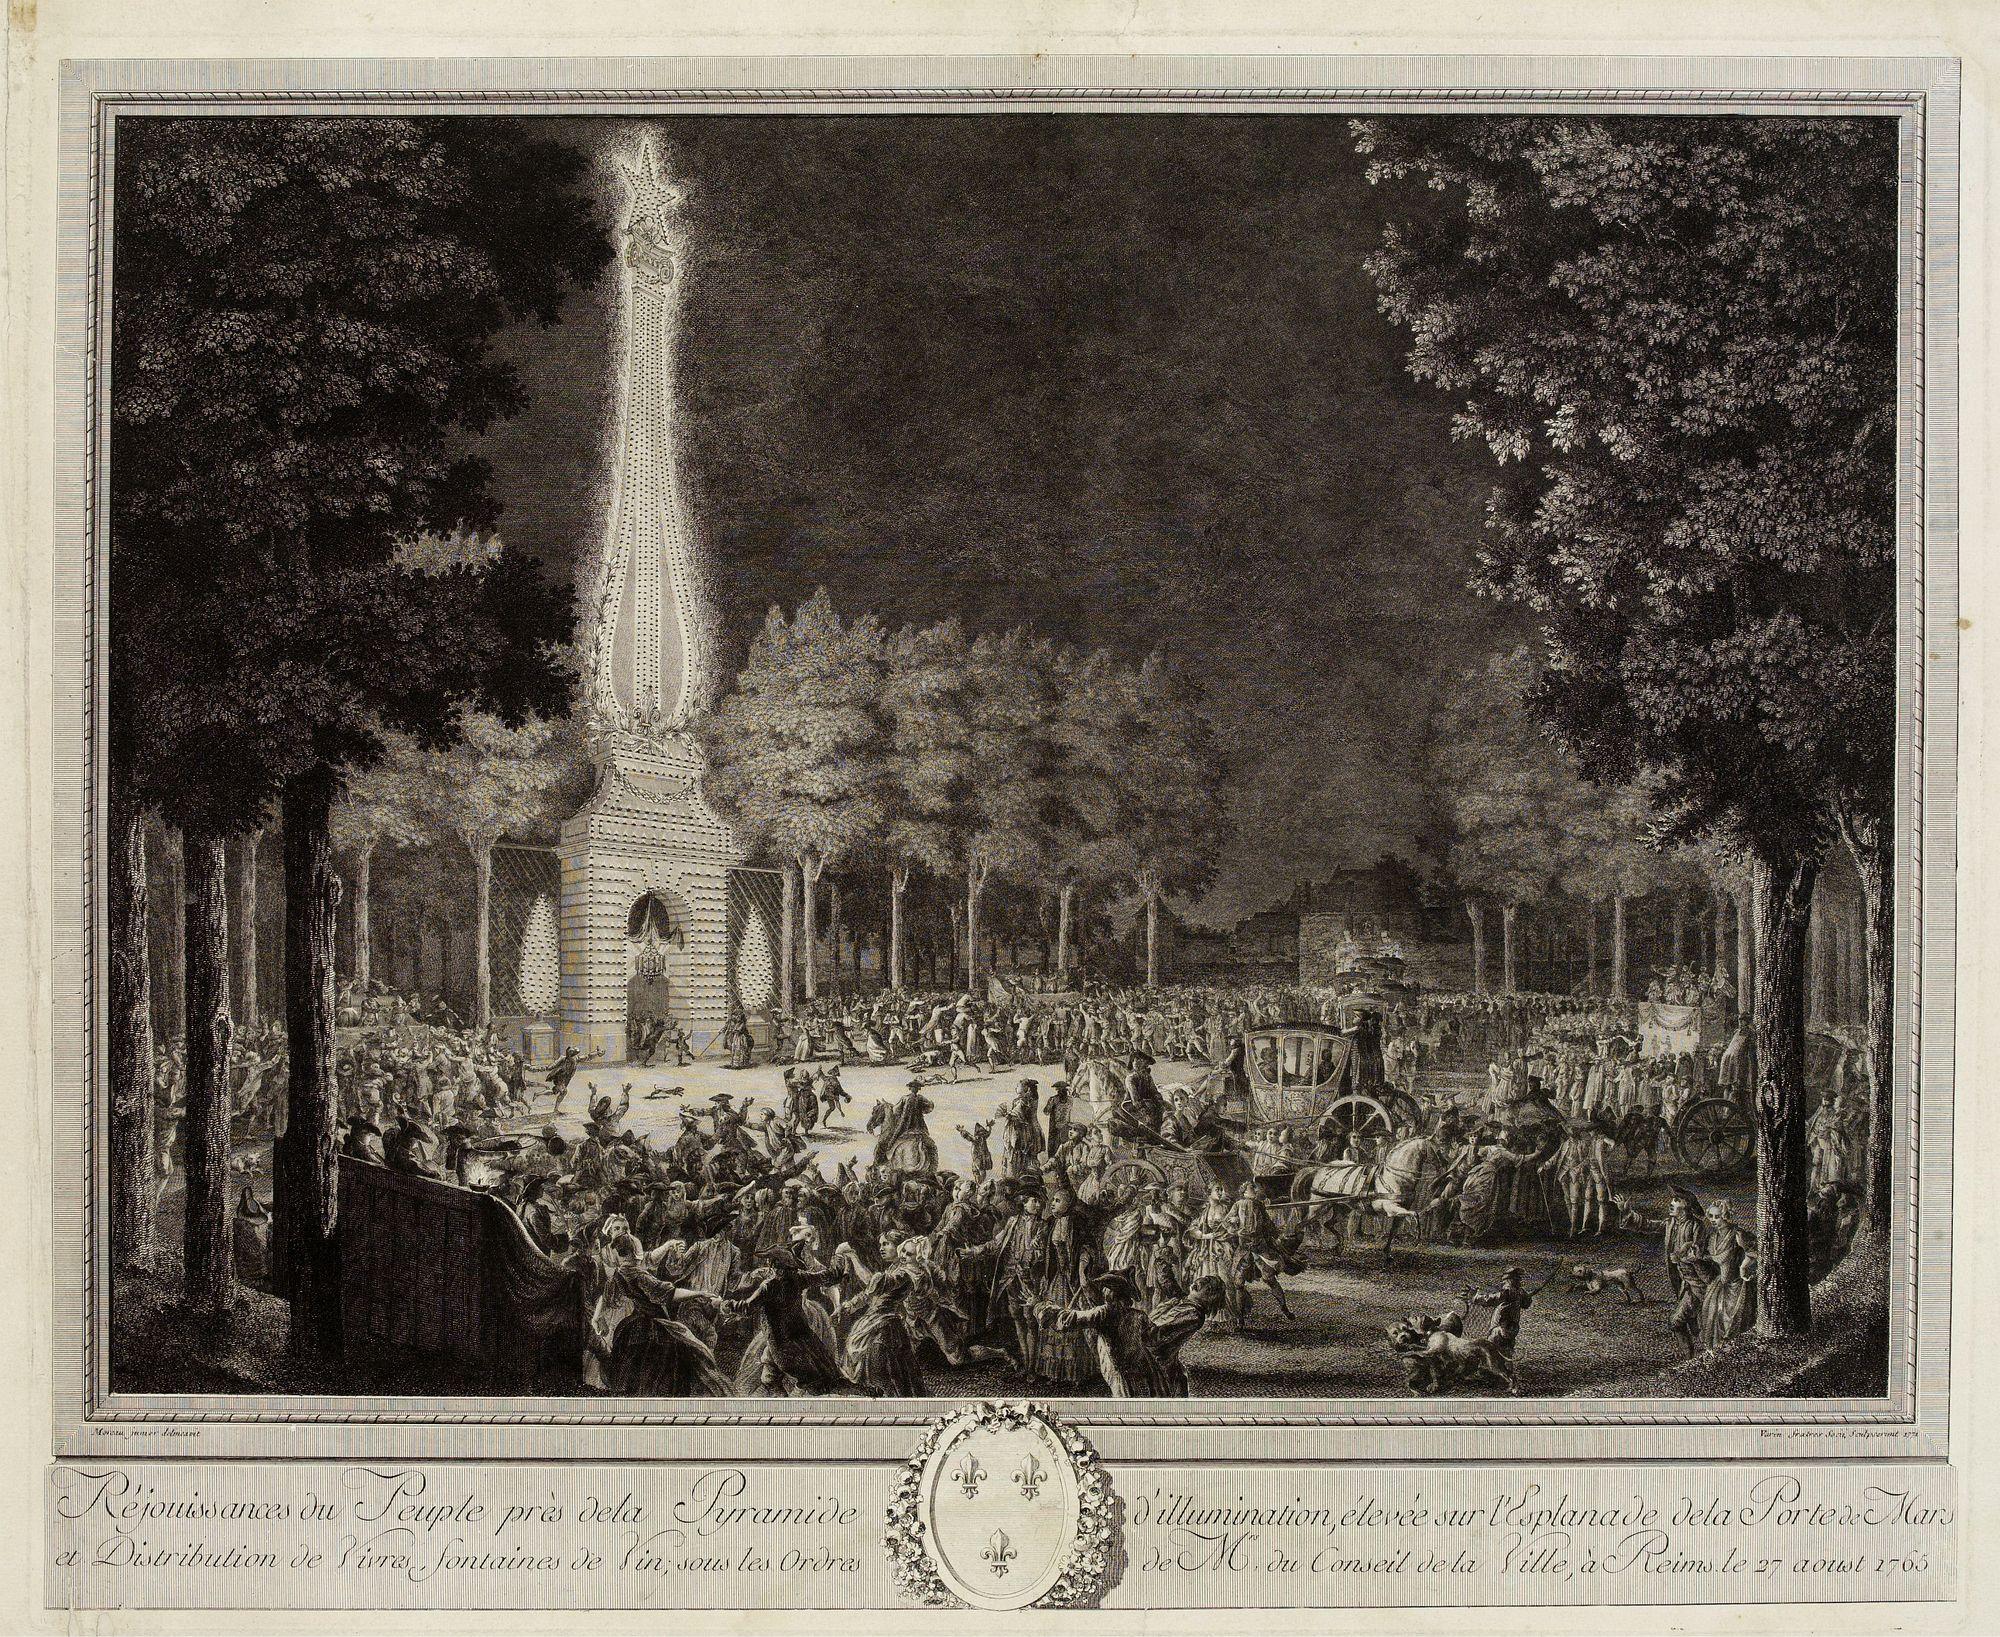 MOREAU LE JEUNE. -  Réjouissances du Peuple près de la Pyramide d'Illumination, élévée sur l'Esplanade de la Porte de Mars et Distribution de Vivres, fontaines de Vin , sous les Ordres de Mrs. Du Conseil de la Ville, à Reims le 27 Aoust 1765.